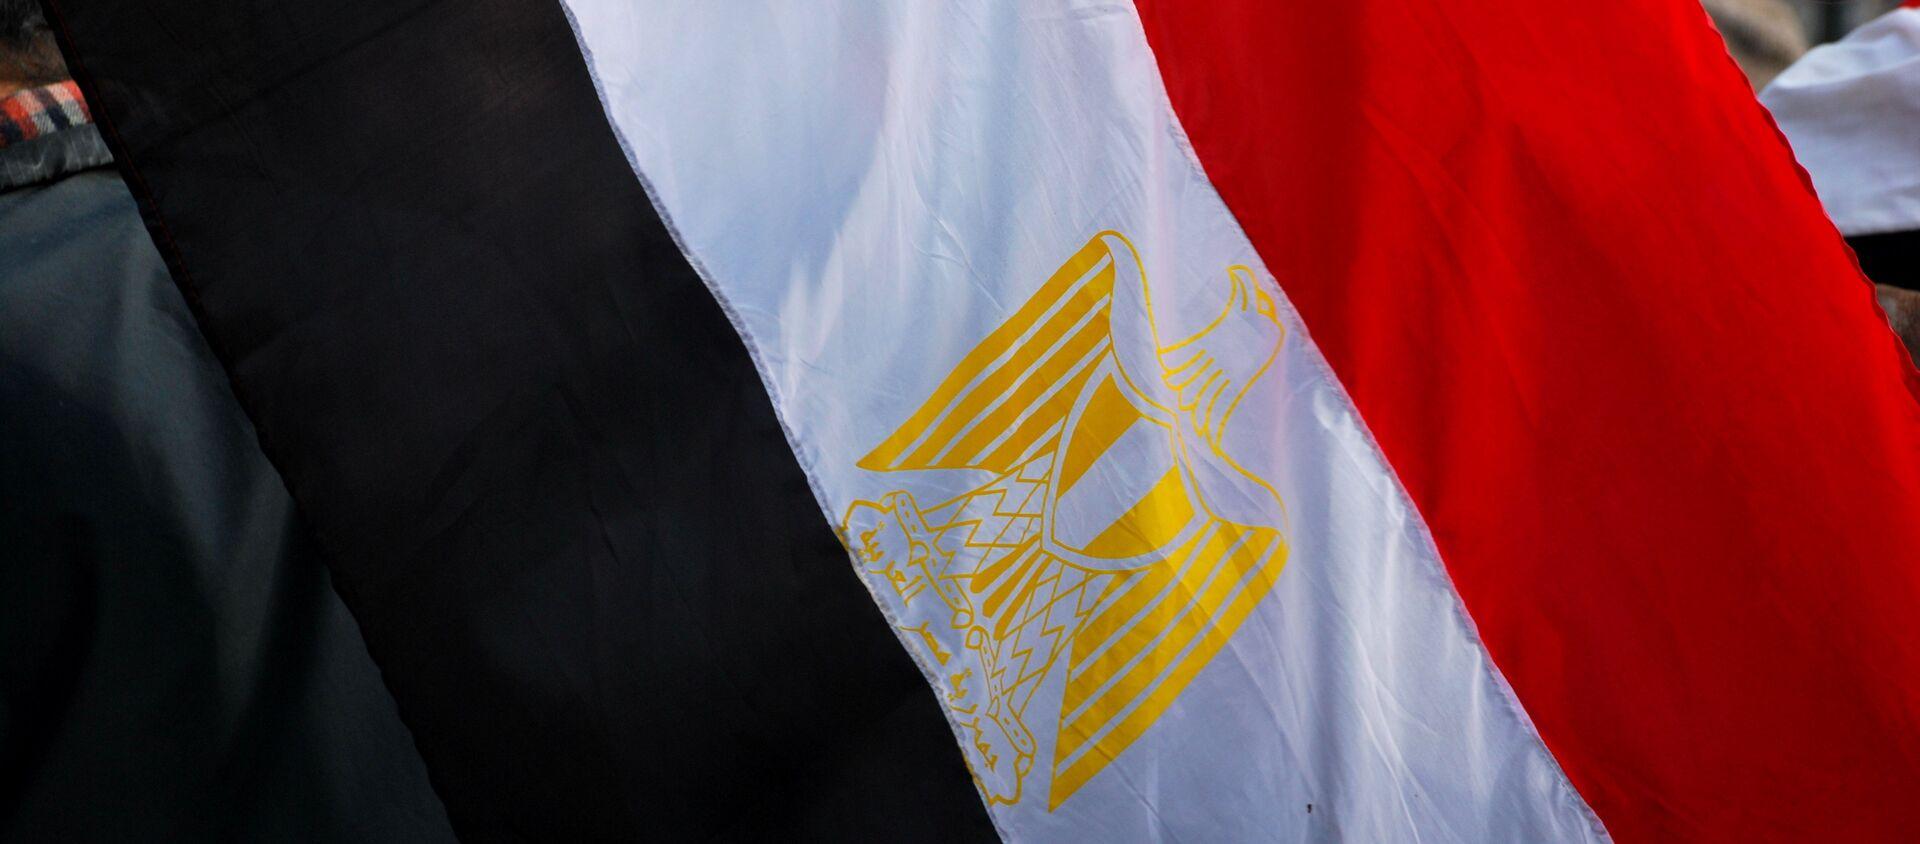 Bandera de Egipto - Sputnik Mundo, 1920, 20.09.2020